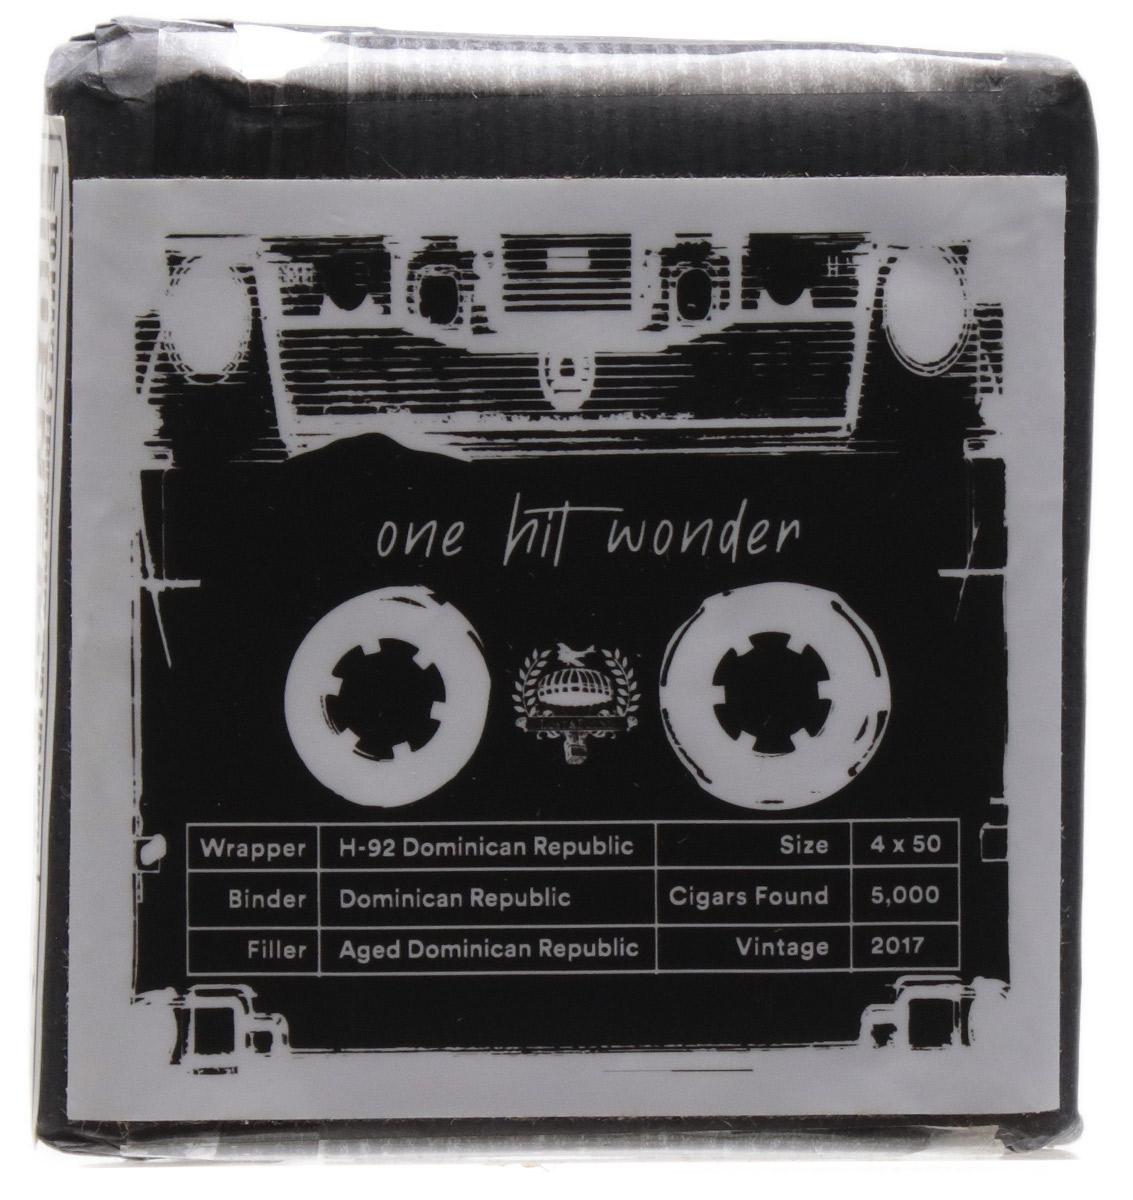 Lost & Found One Hit Wonder European Release (10 Pack)